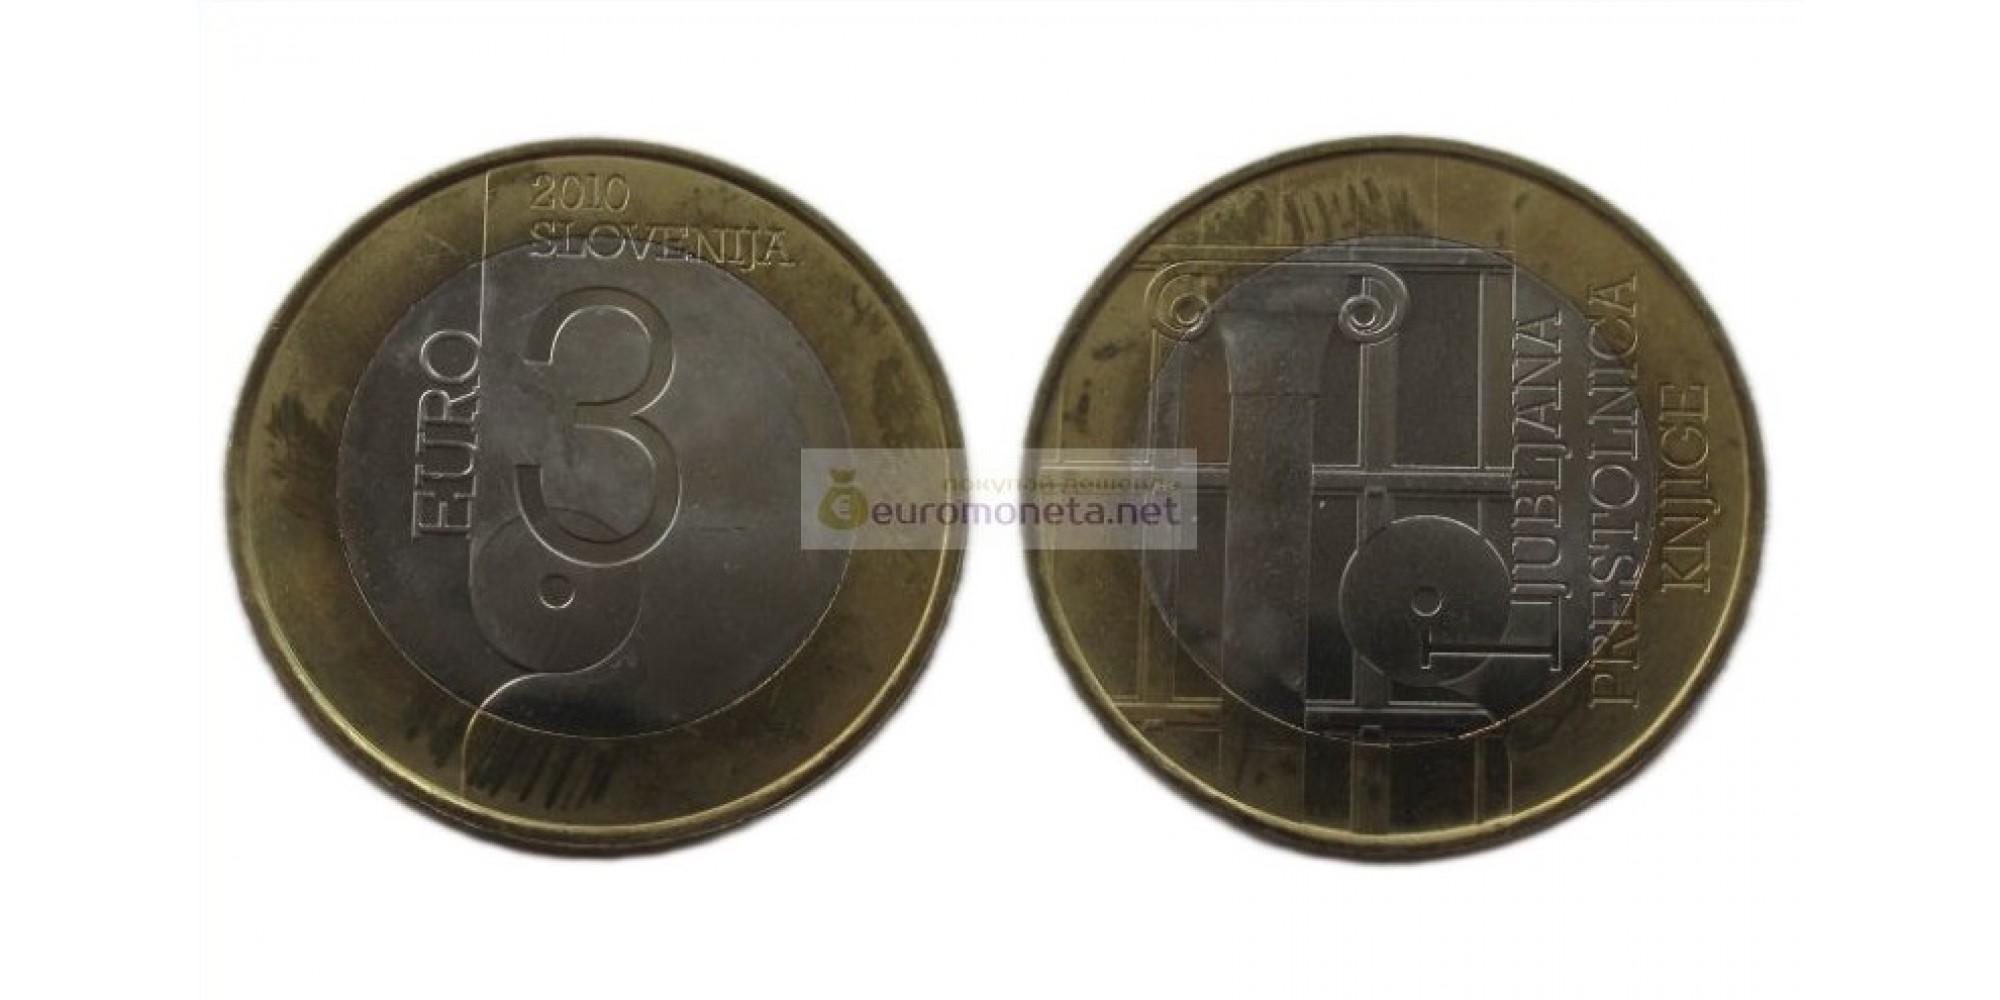 Словения 3 евро 2010 год. Любляна - Всемирная столица книги. АЦ из ролла